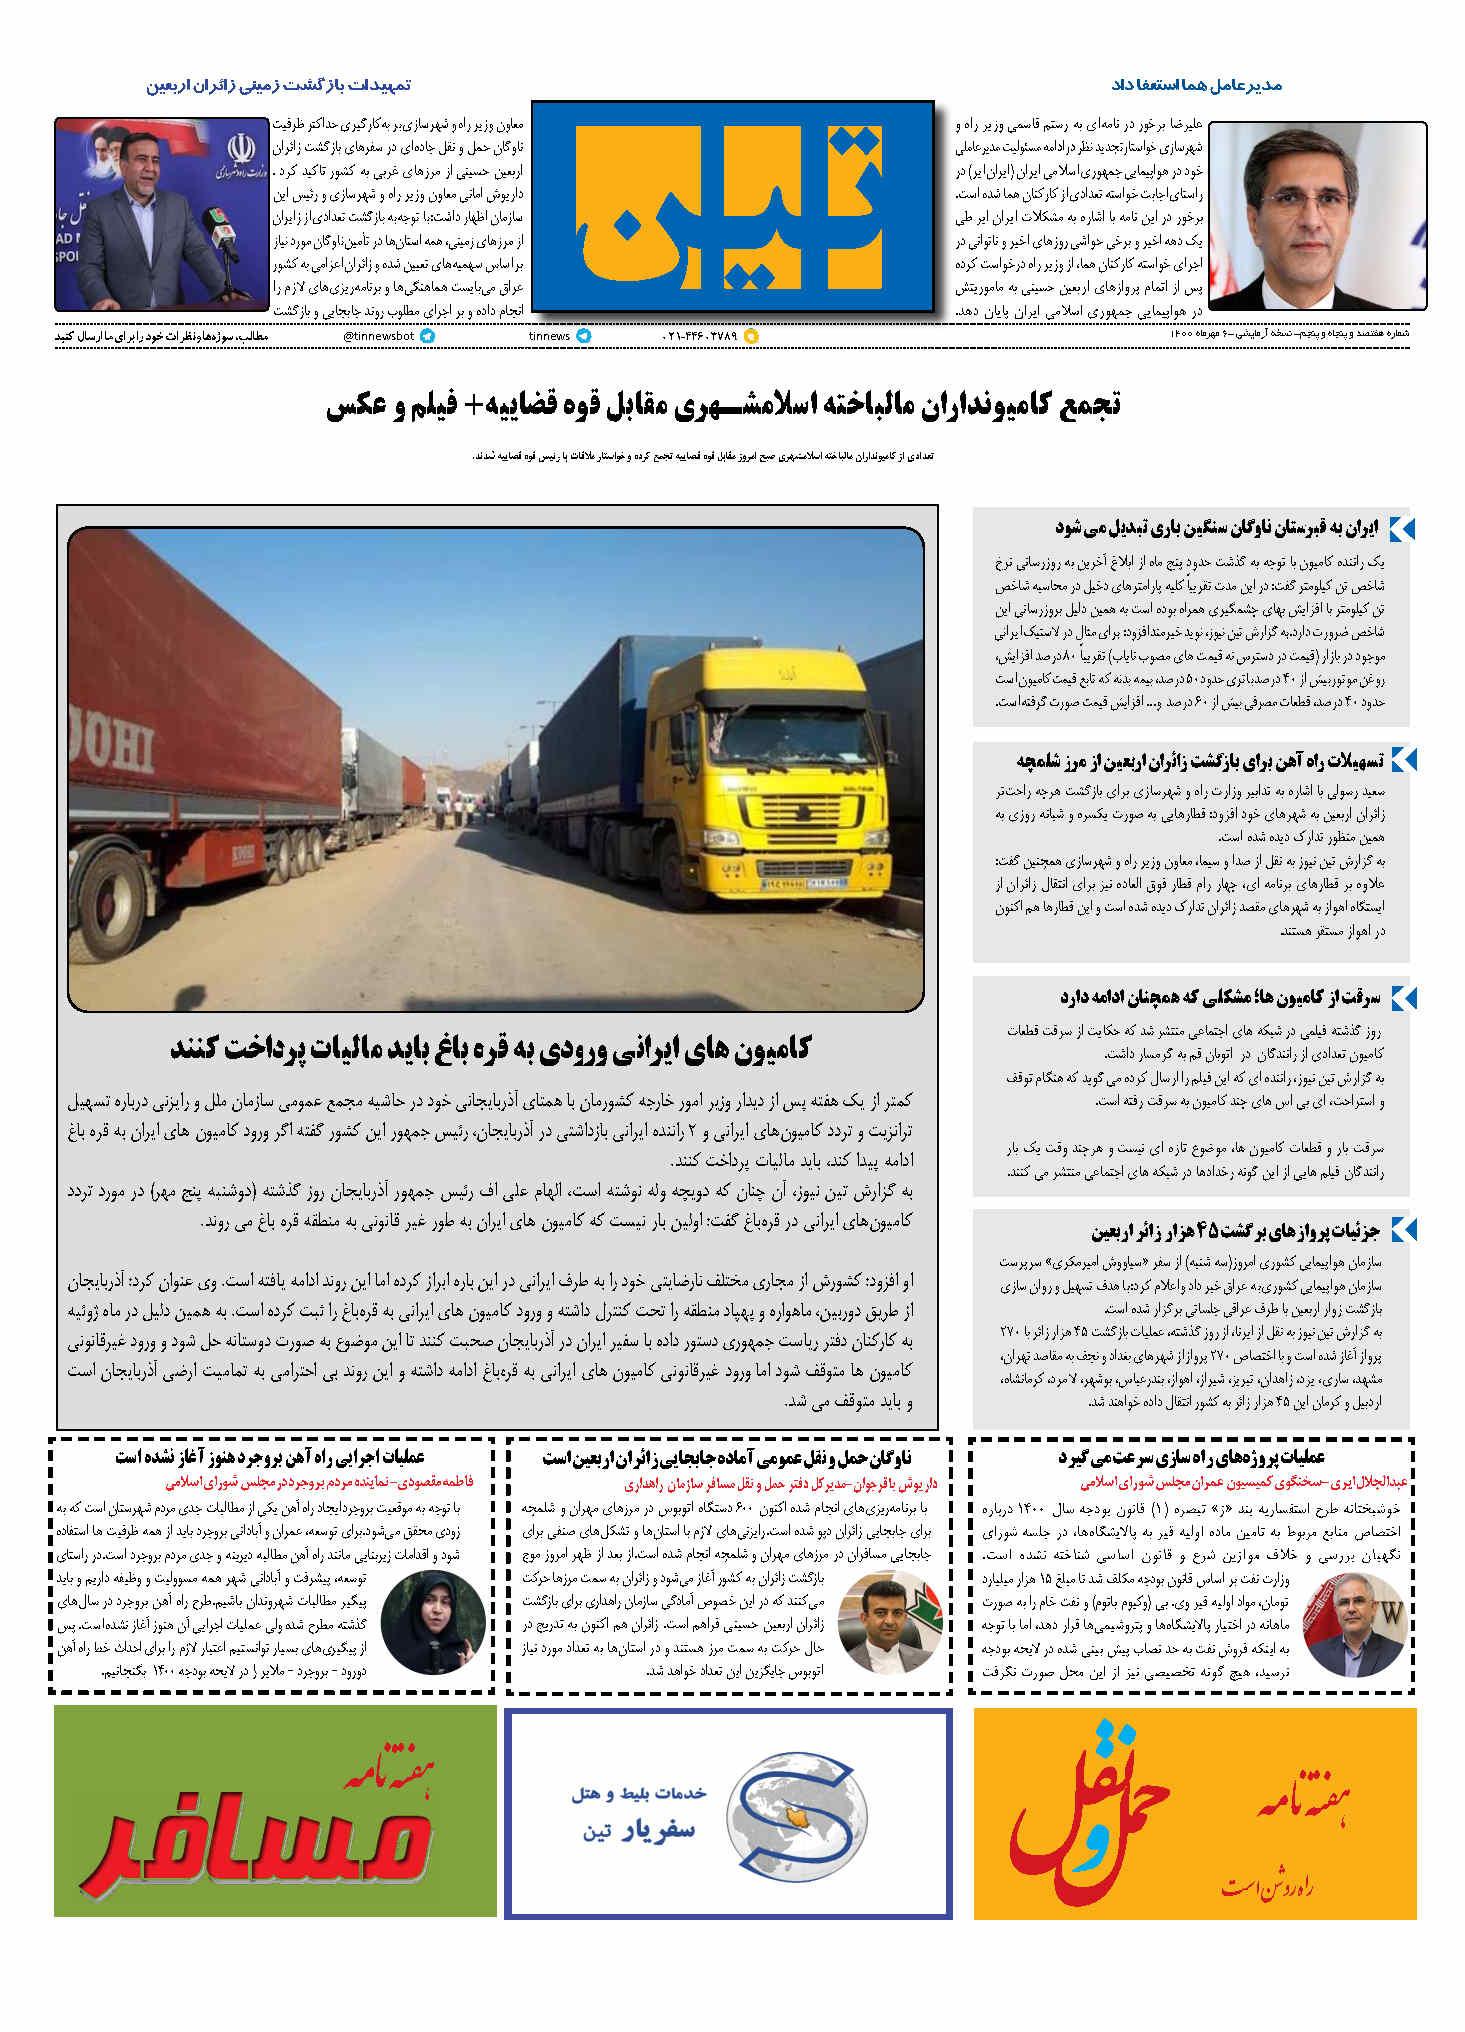 روزنامه الکترونیک 6 مهرماه 1400